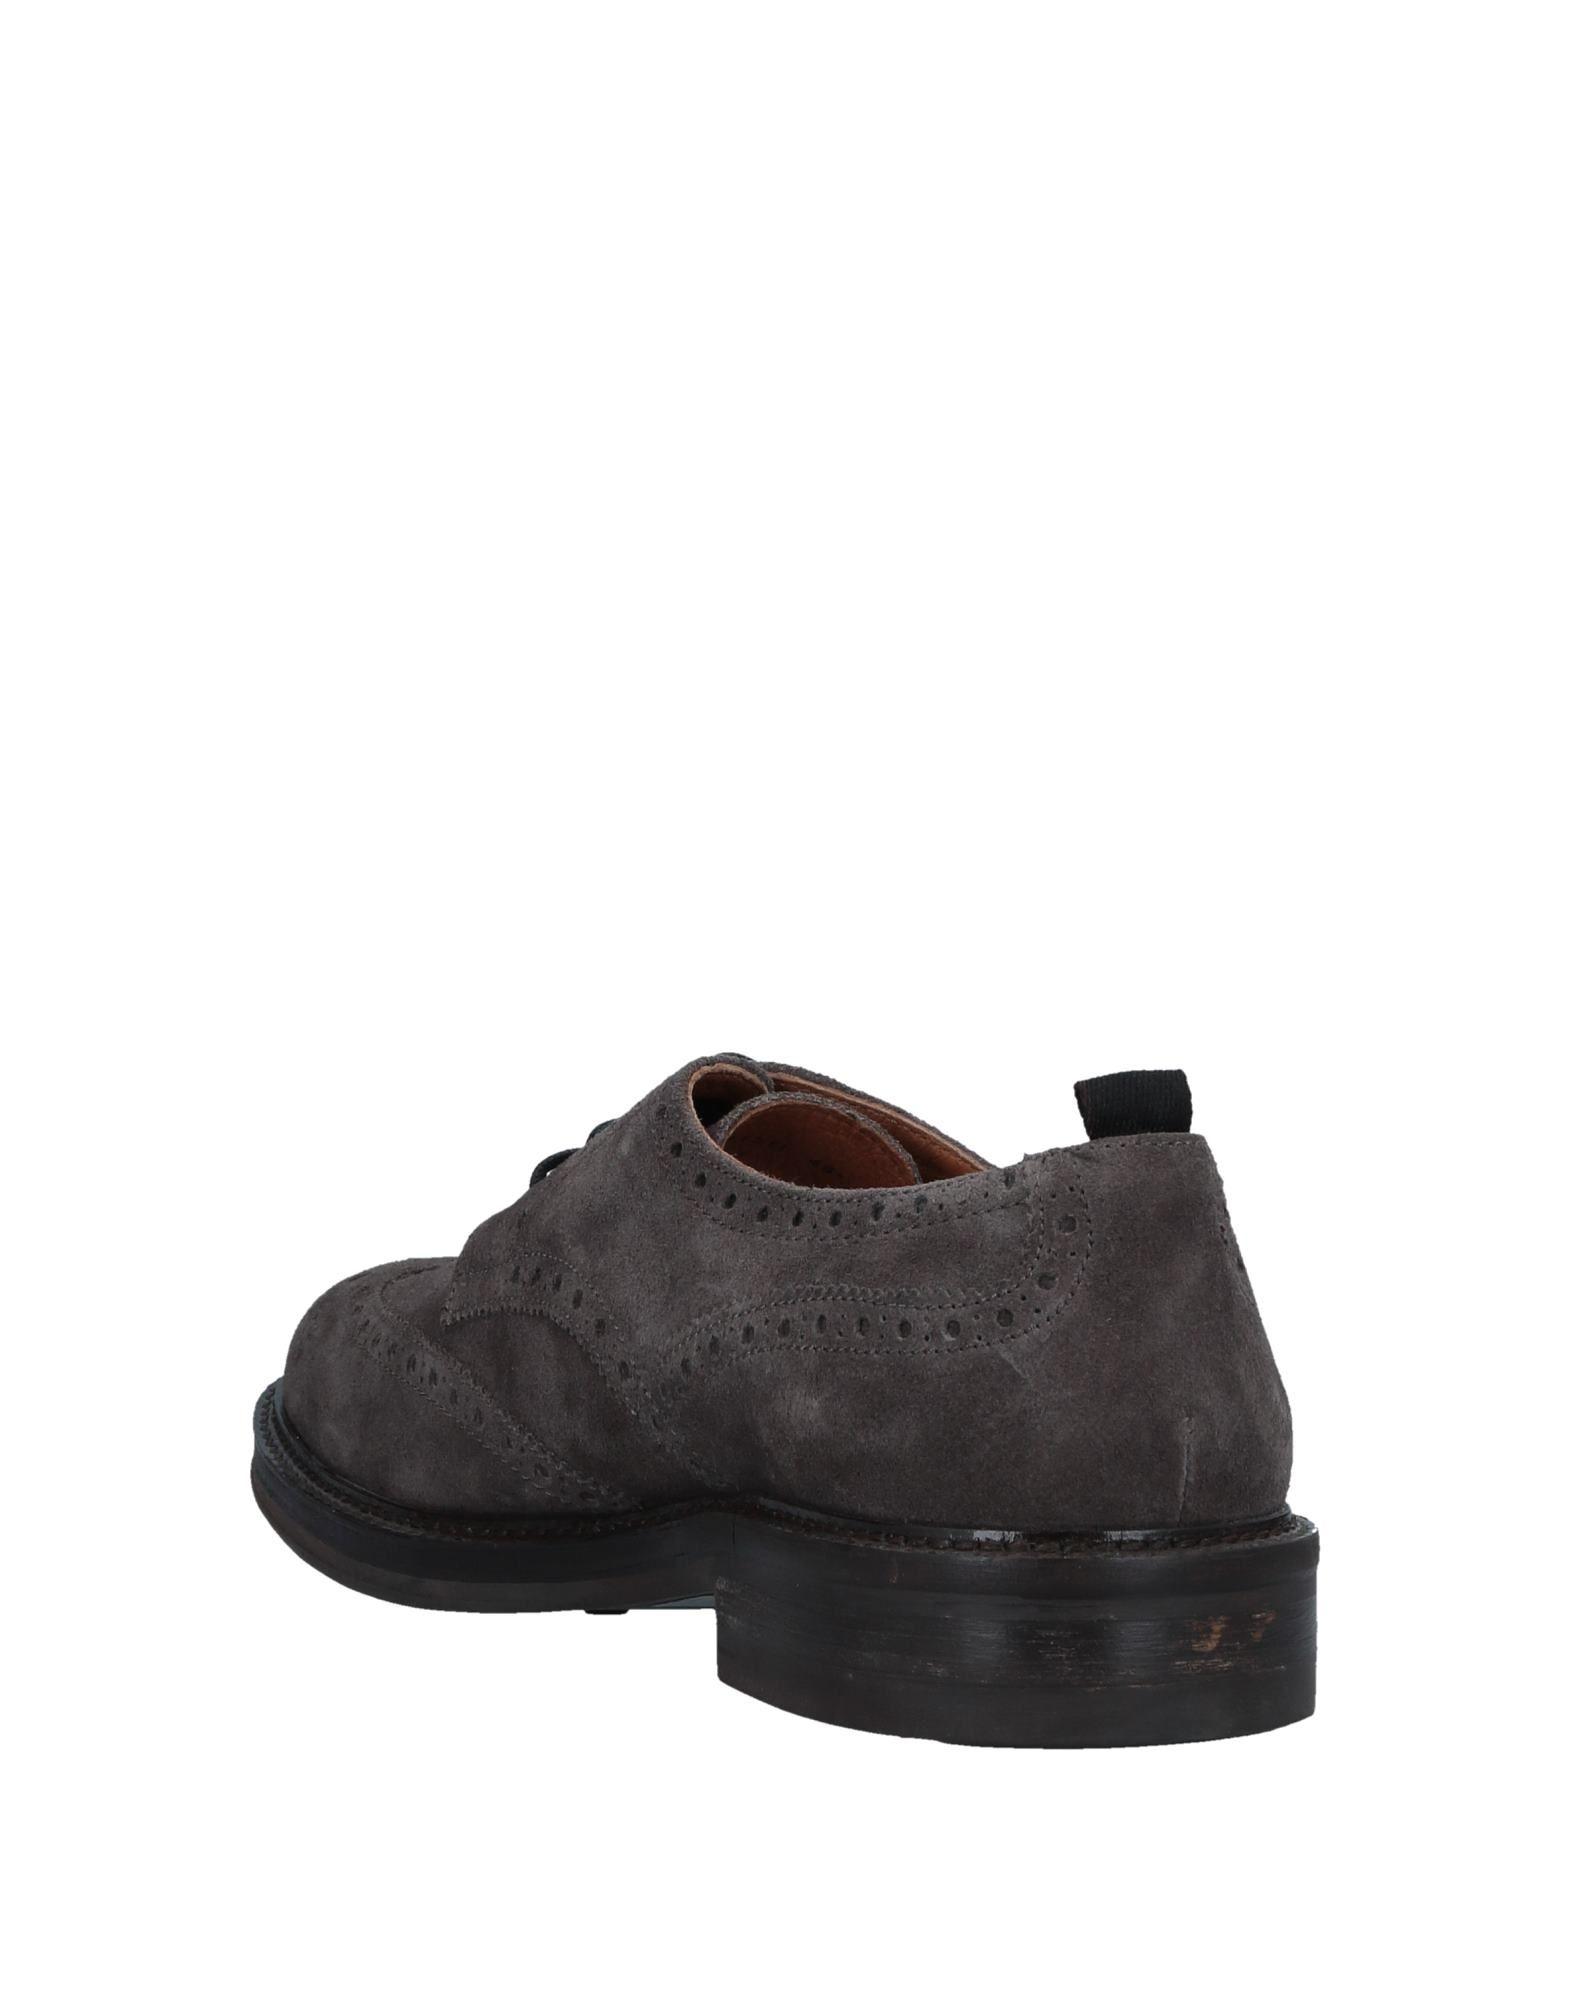 Carmine Durso Schnürschuhe Herren  11528595JT Gute Qualität beliebte Schuhe